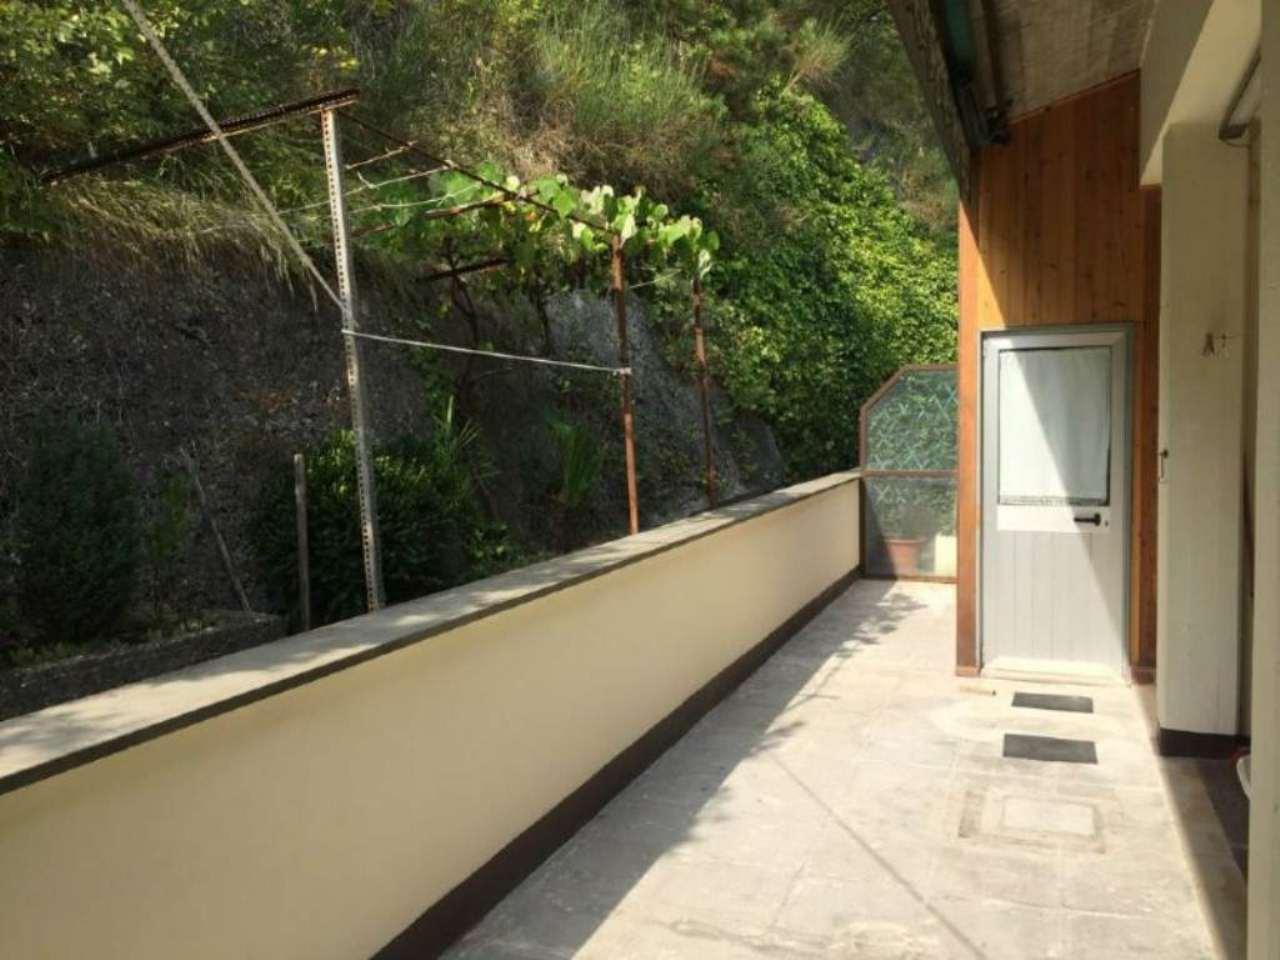 Bilocale Bagno di Romagna Via Via Circonvallazione 2